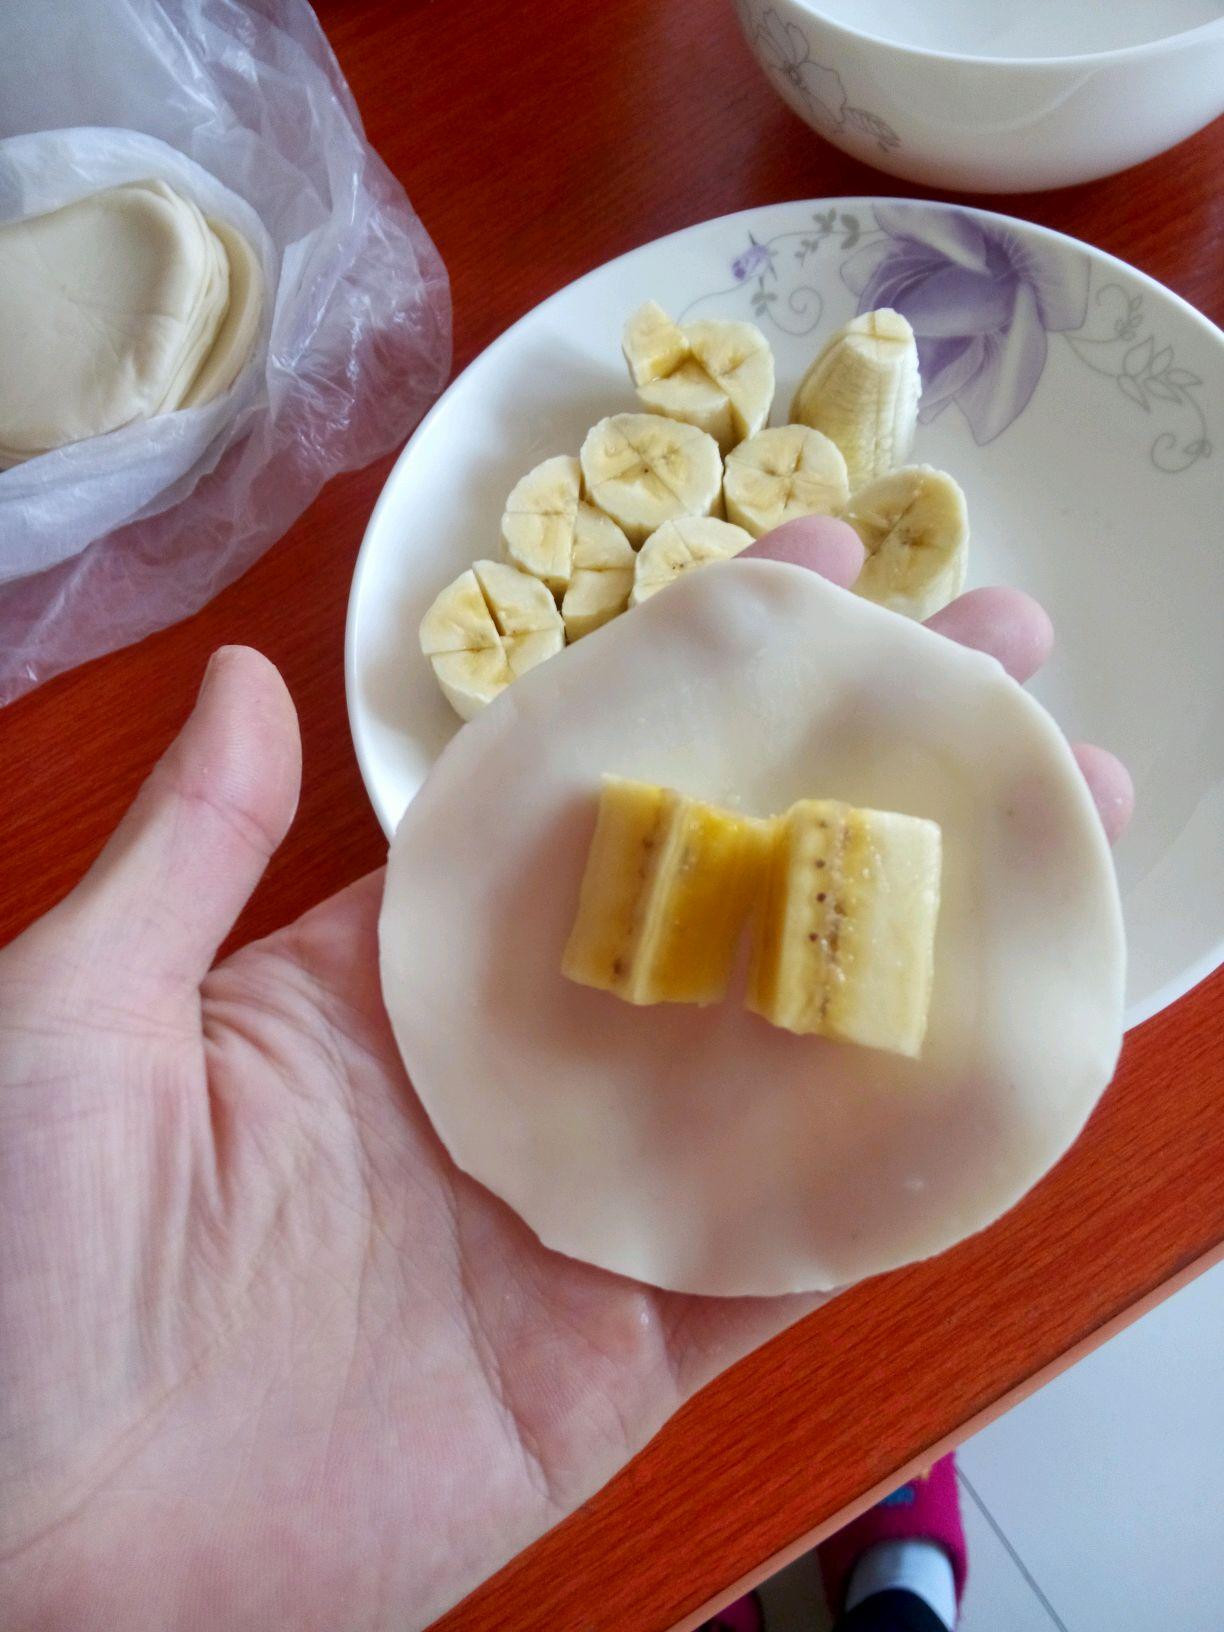 香蕉派(剩饺子皮包香蕉)的做法步骤